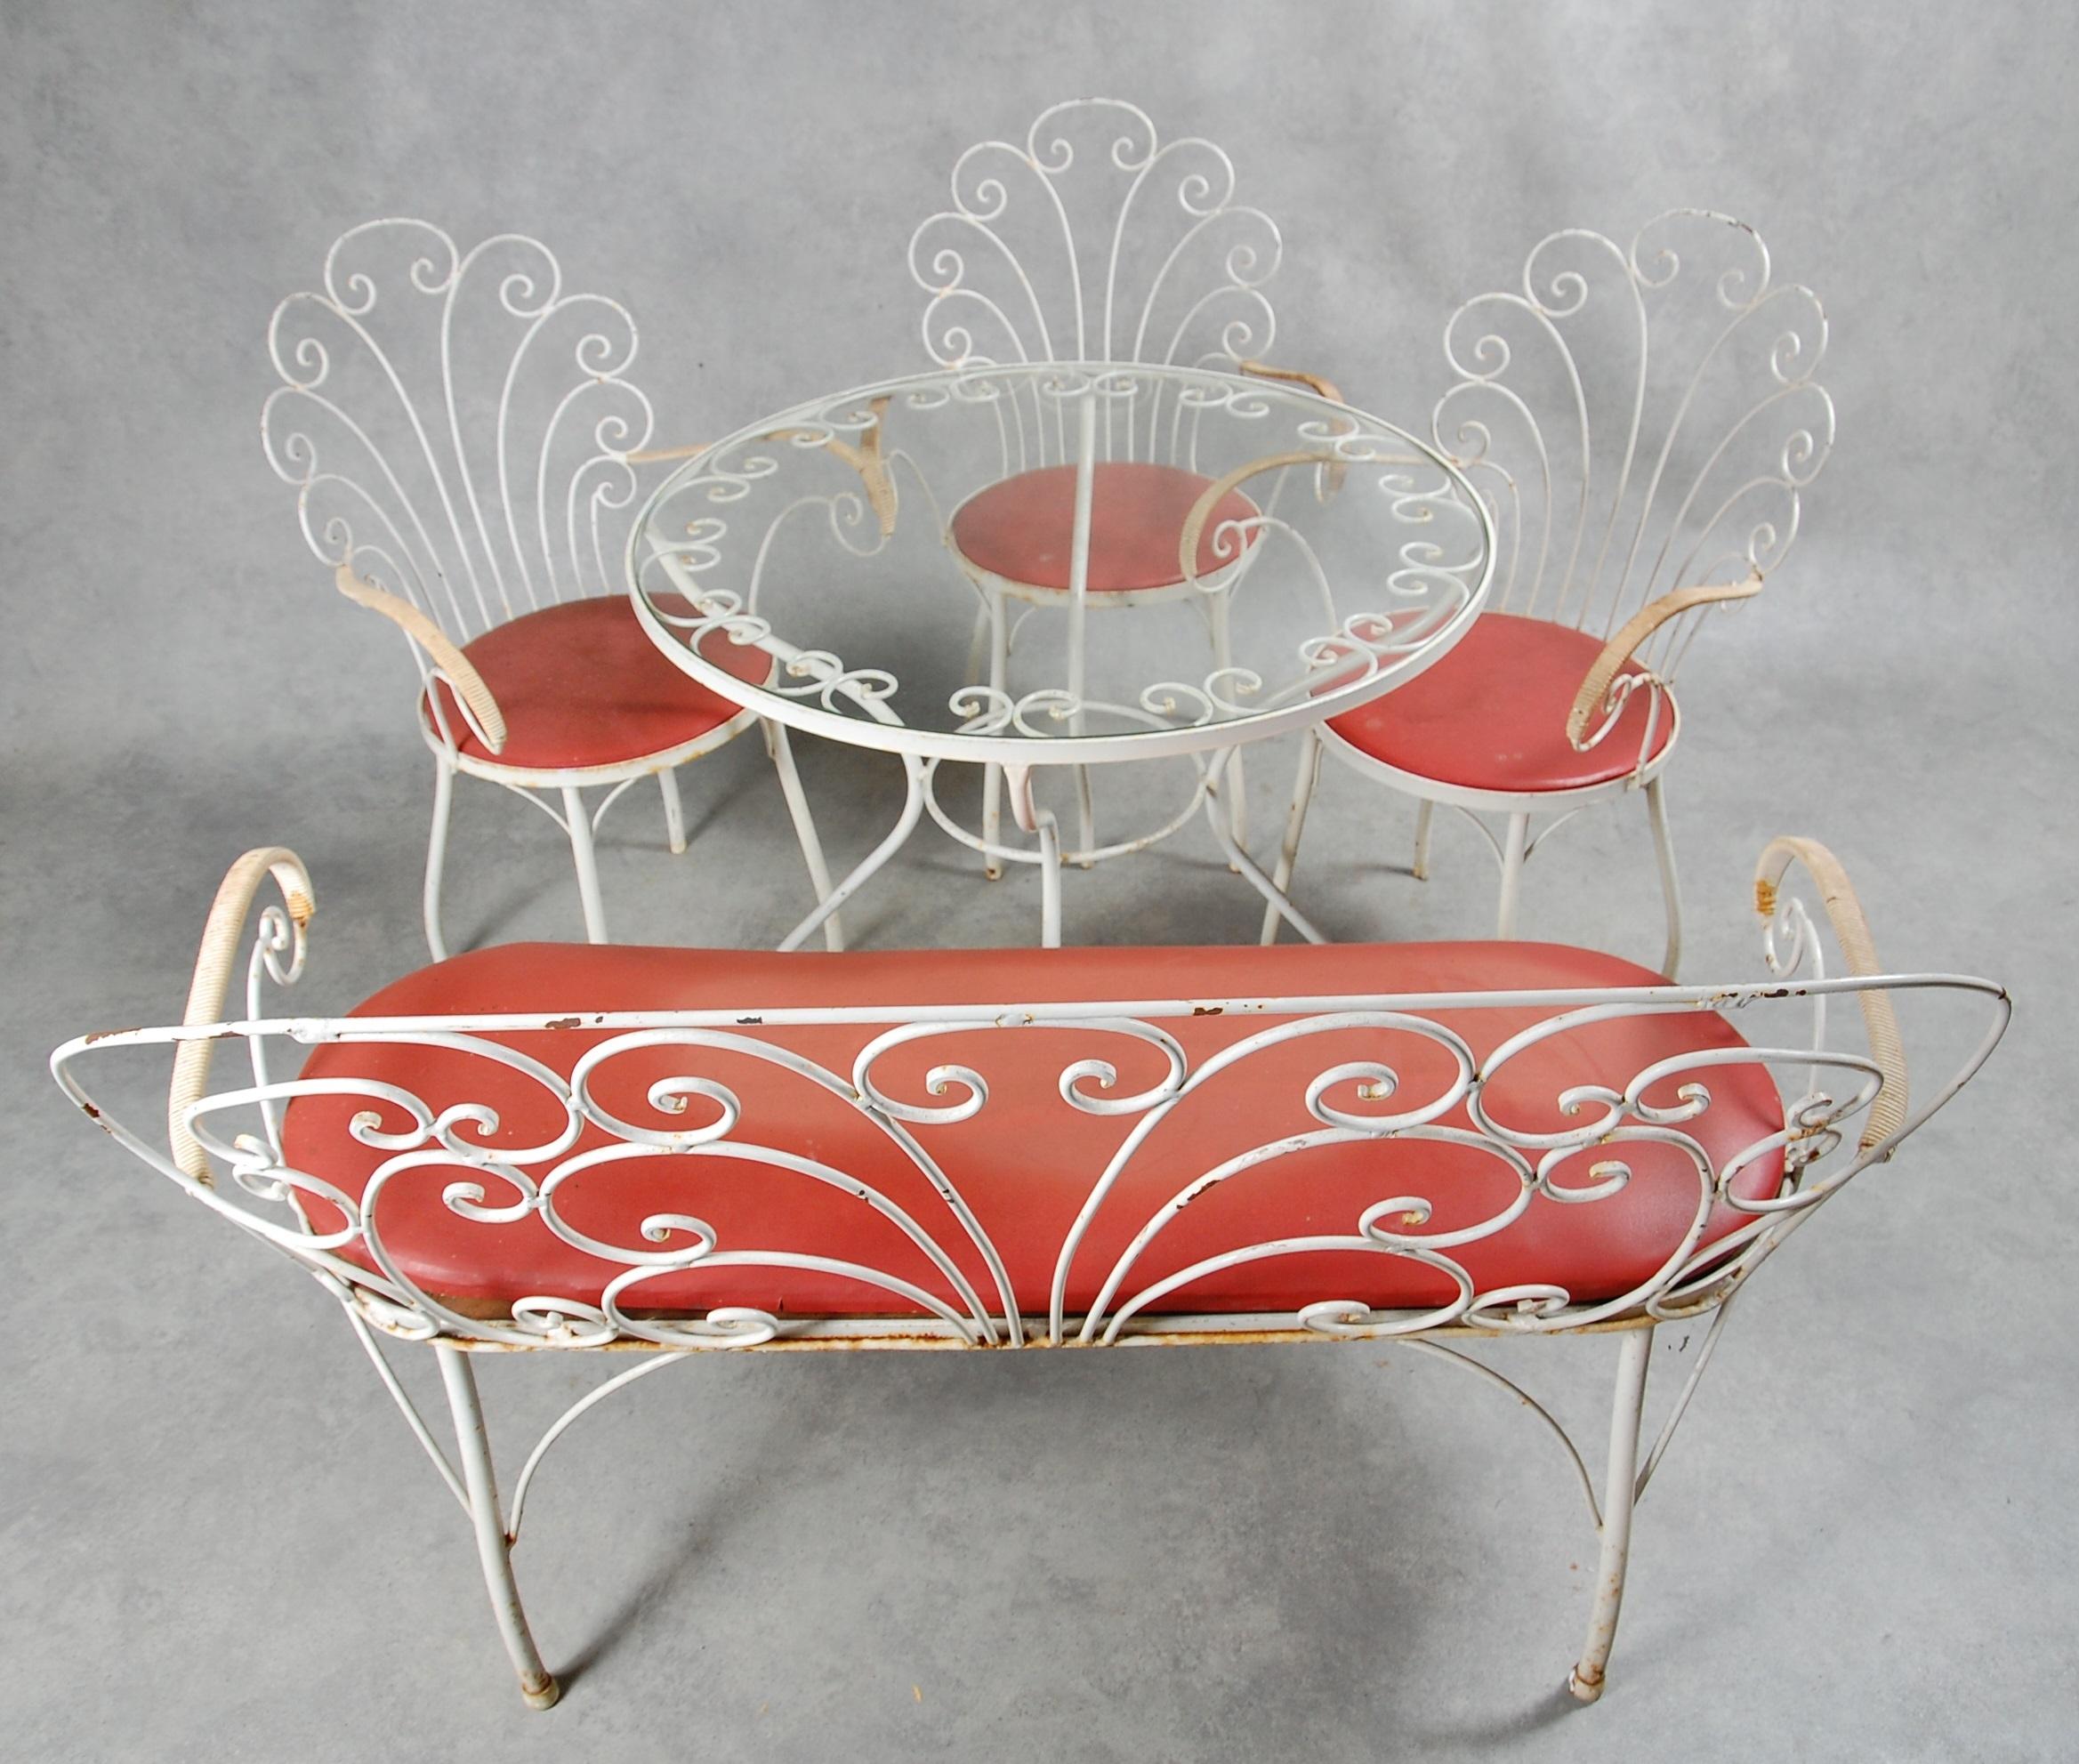 Tradgardsmobler 5 Delar Smide 1950 Tal Furniture Garden